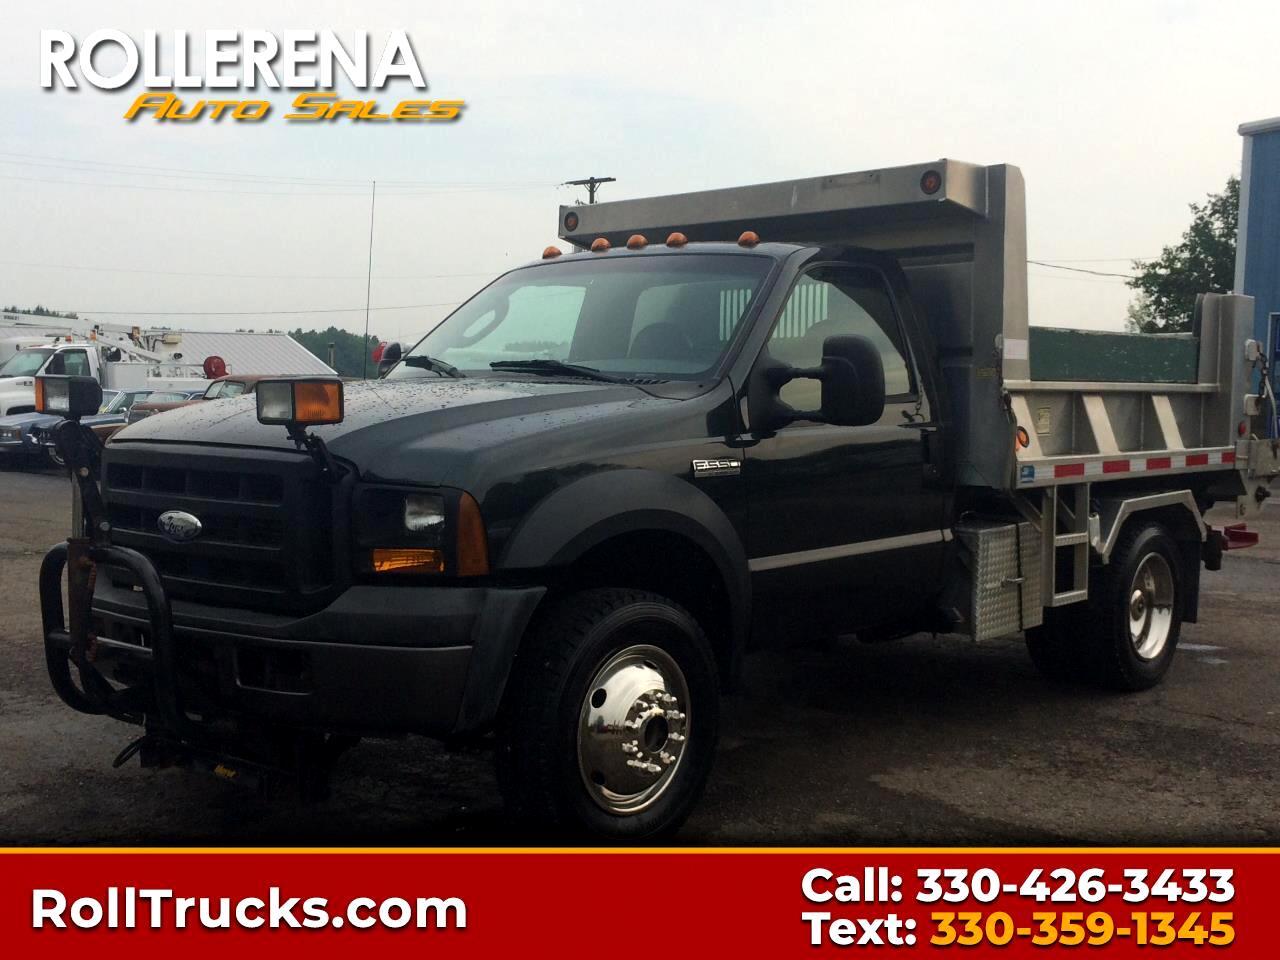 2006 Ford F-550 Dump Truck